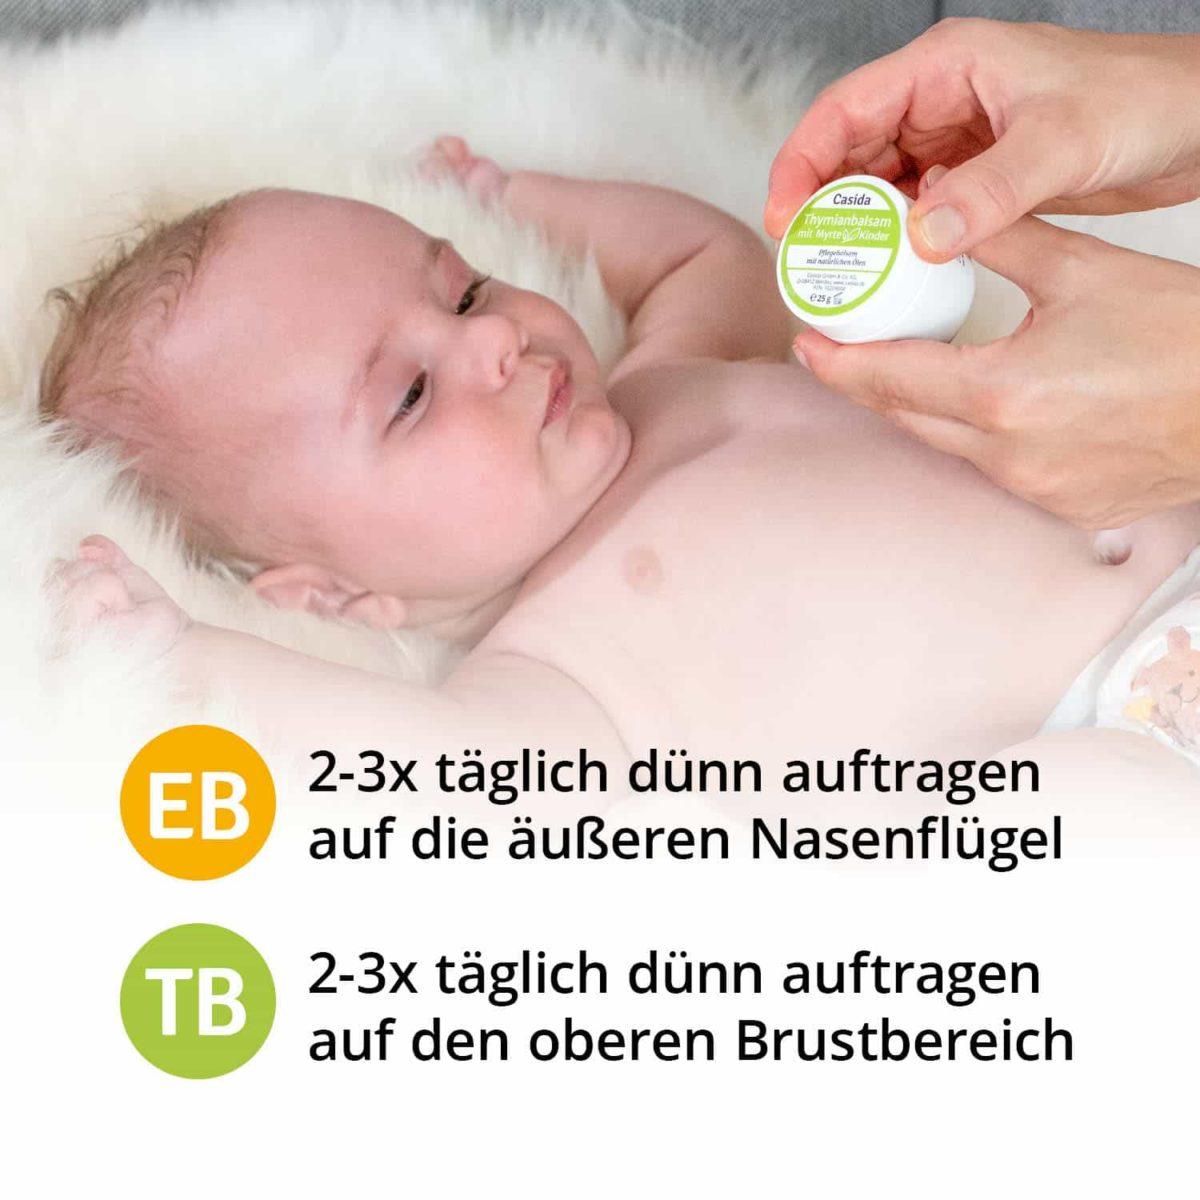 Casida Set Engelwurzbalsam Thymianbalsam mit Myrte Kinder 10209008 10086729 PZN Apotheke Erkältung Baby pflanzlich behandeln6